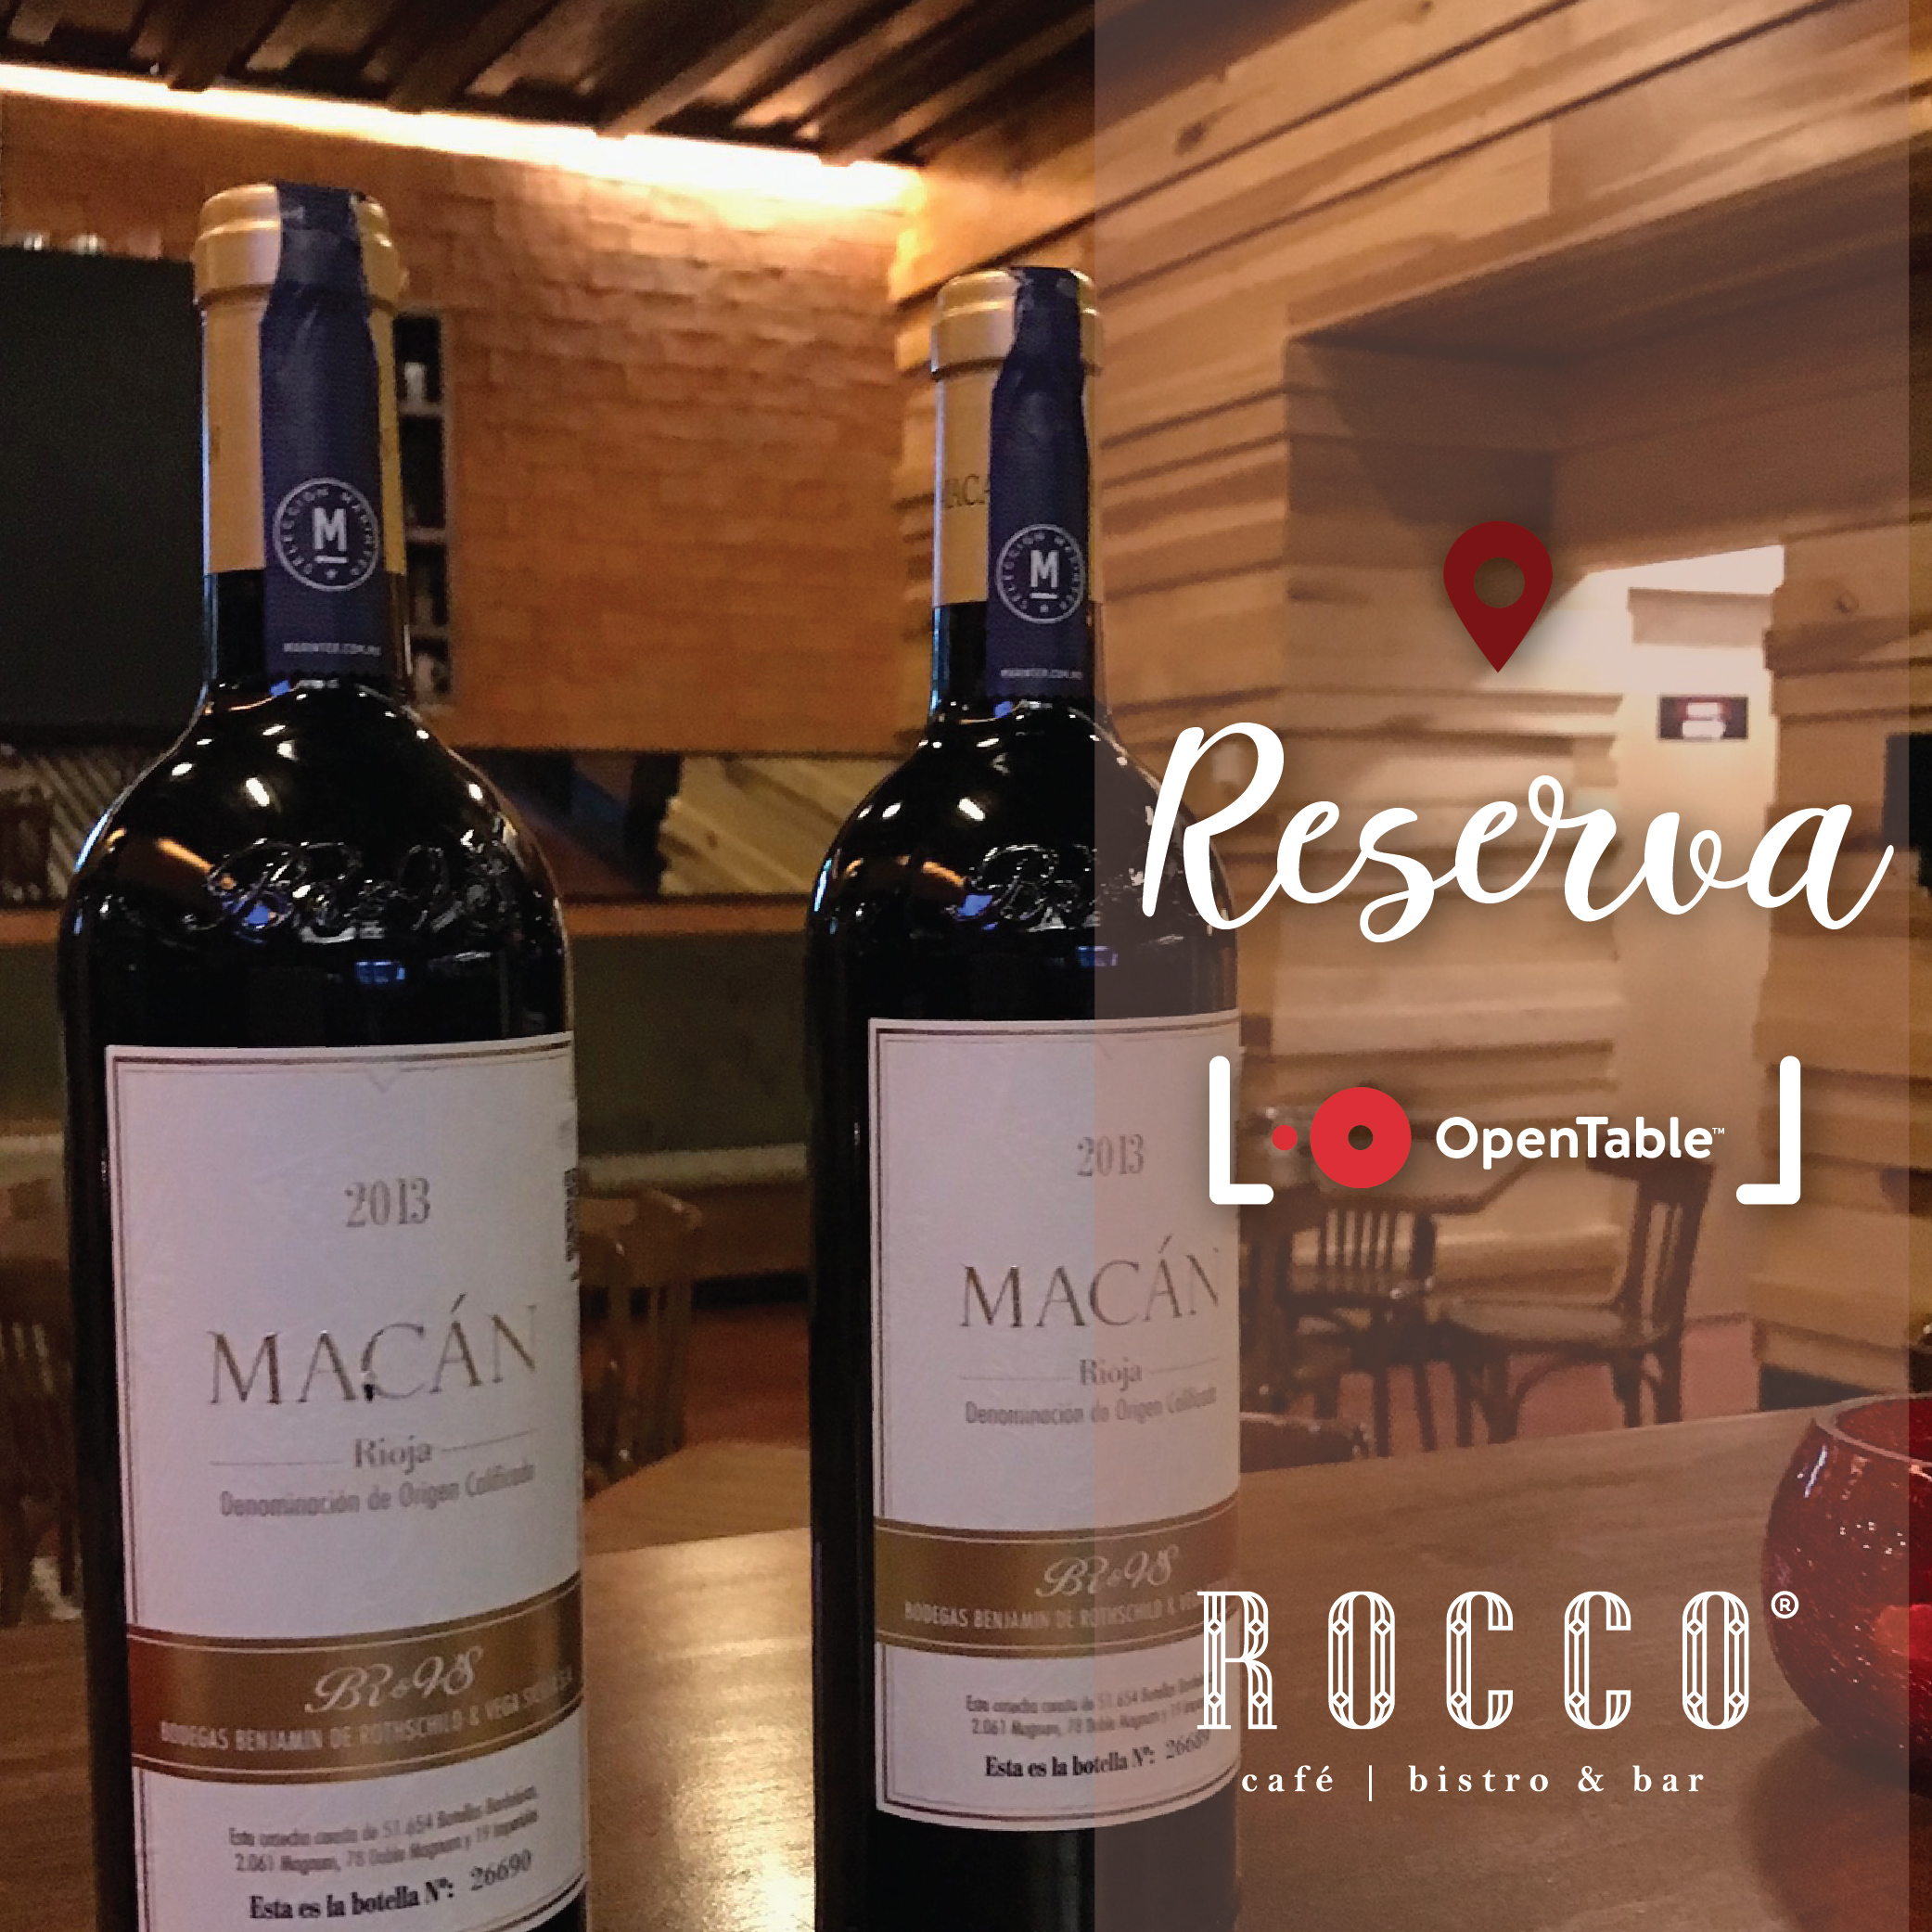 Reserva en OpenTable   Es muy fácil, no te quedes sin disfrutar la experiencia de Rocco.